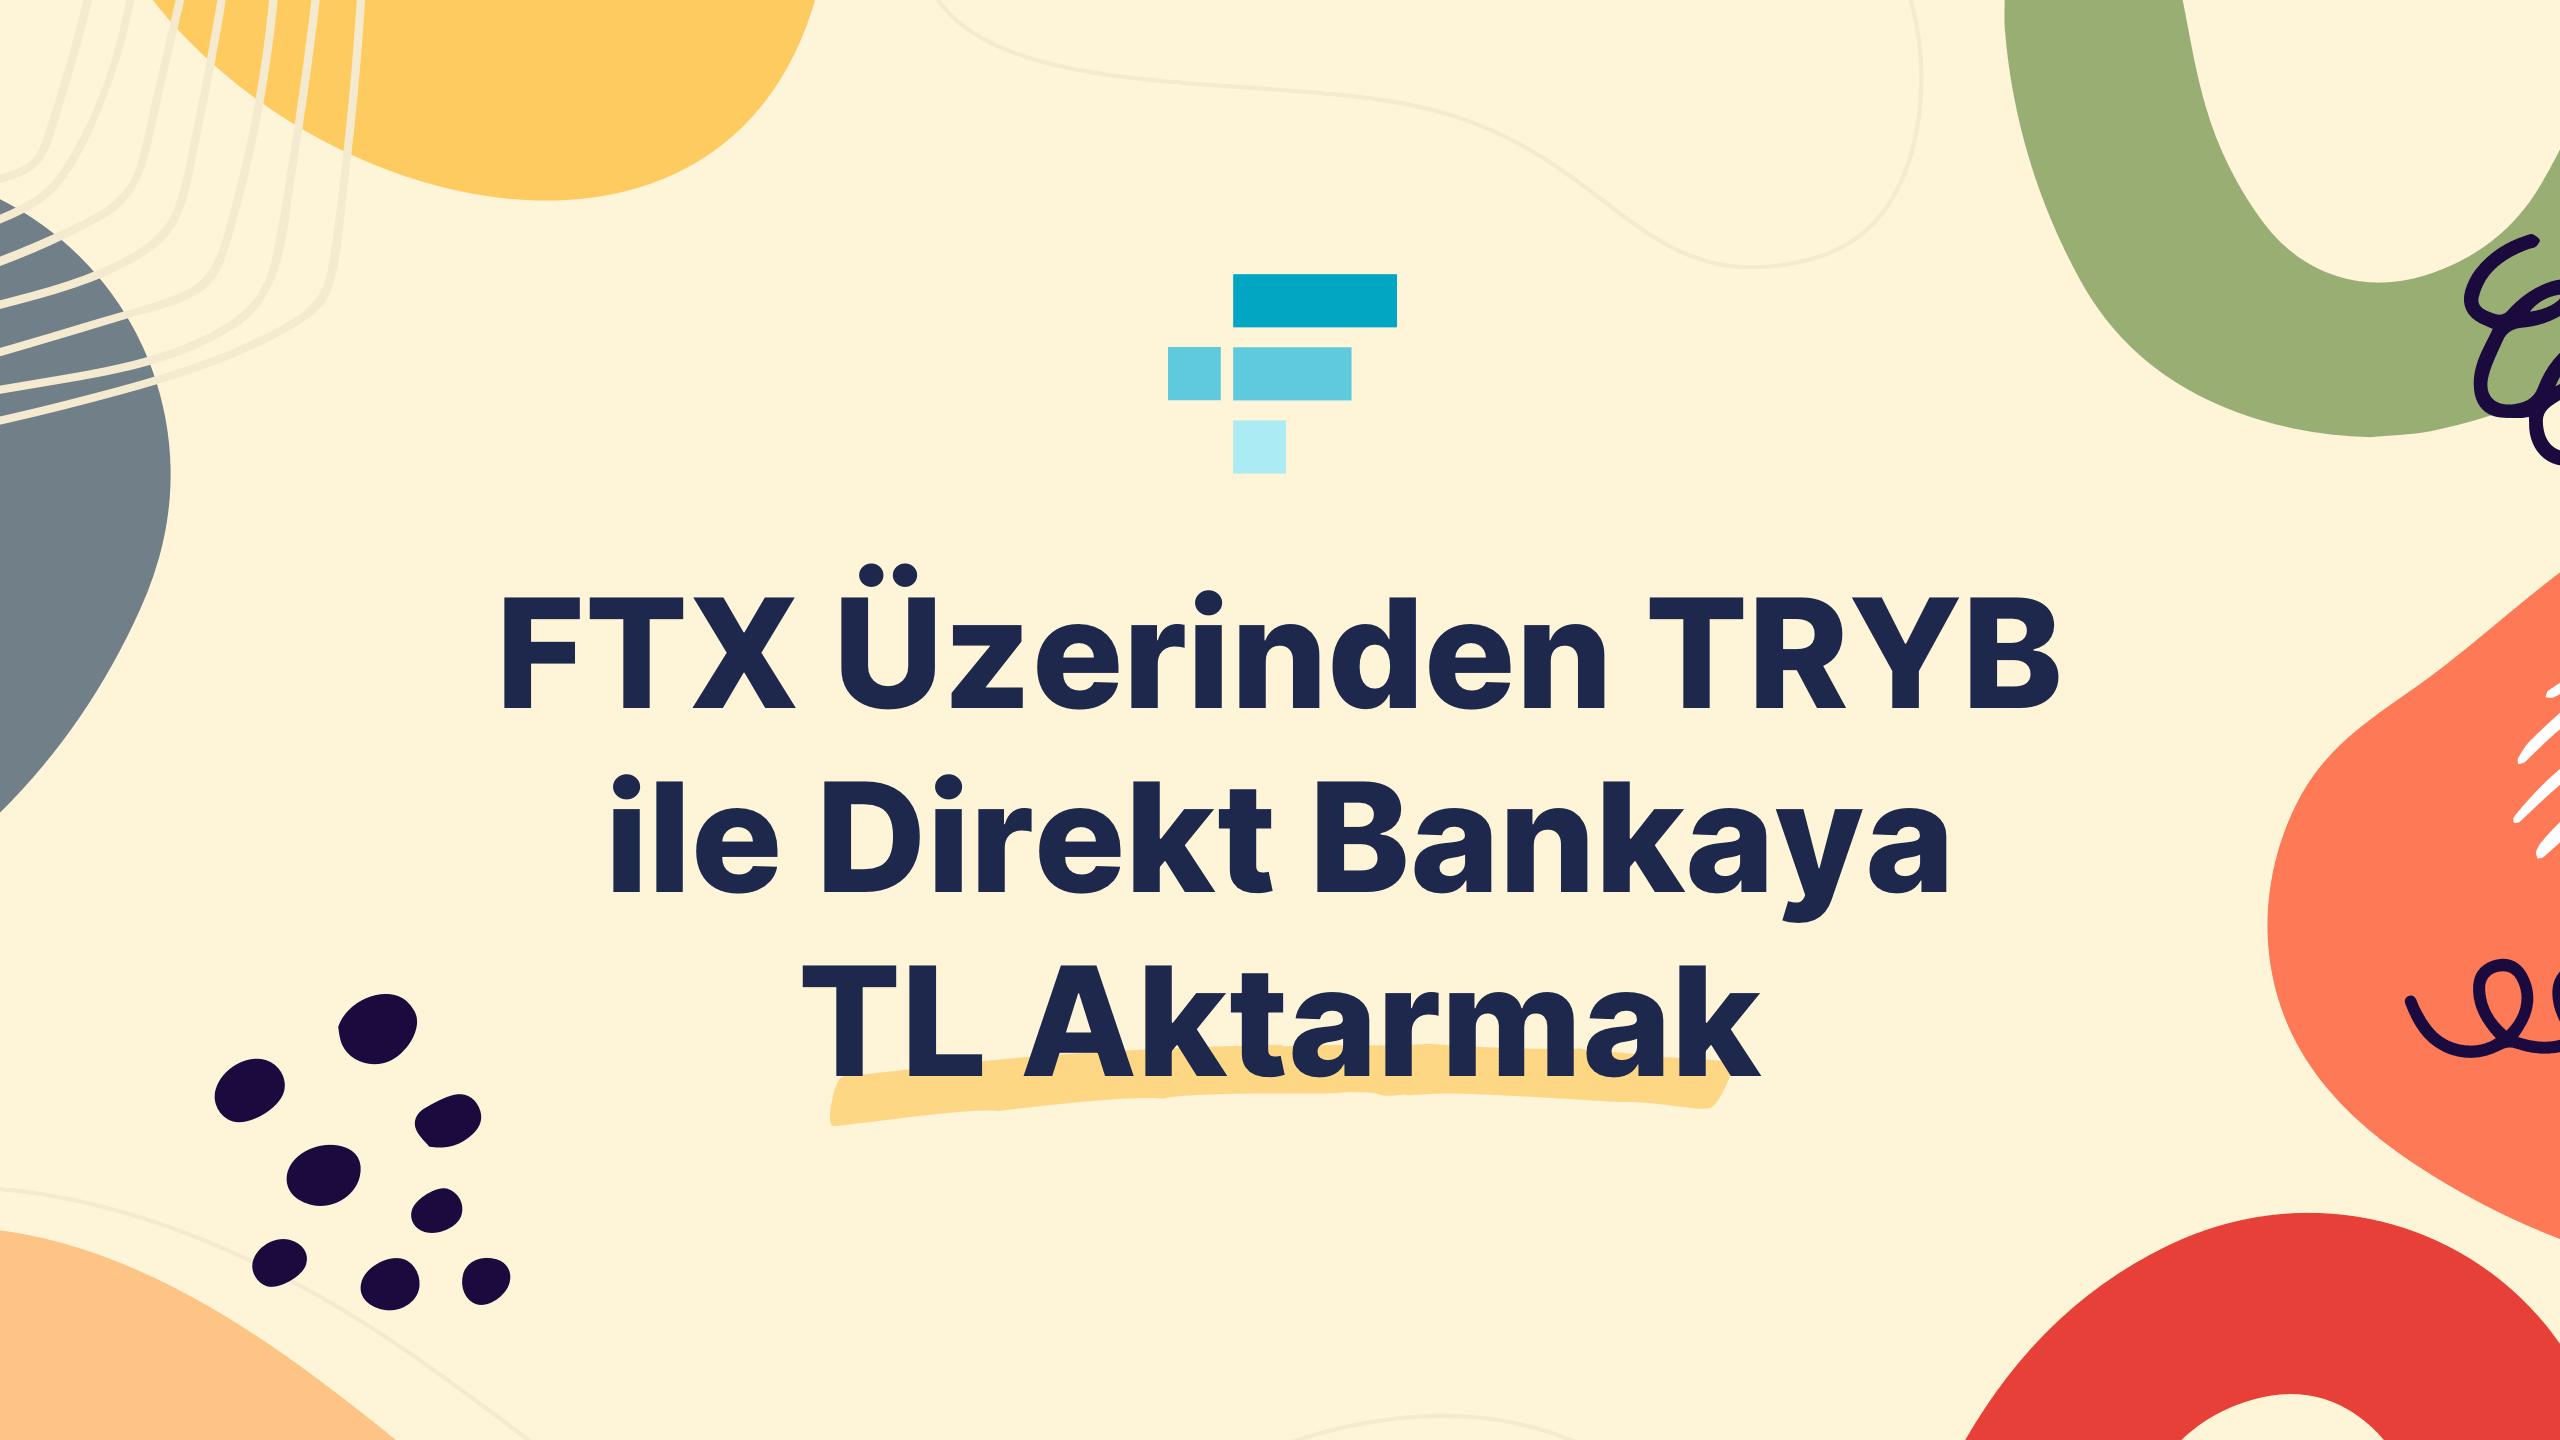 FTX Üzerinden TRYB İle Direkt Olarak Bankaya TL Aktarmak